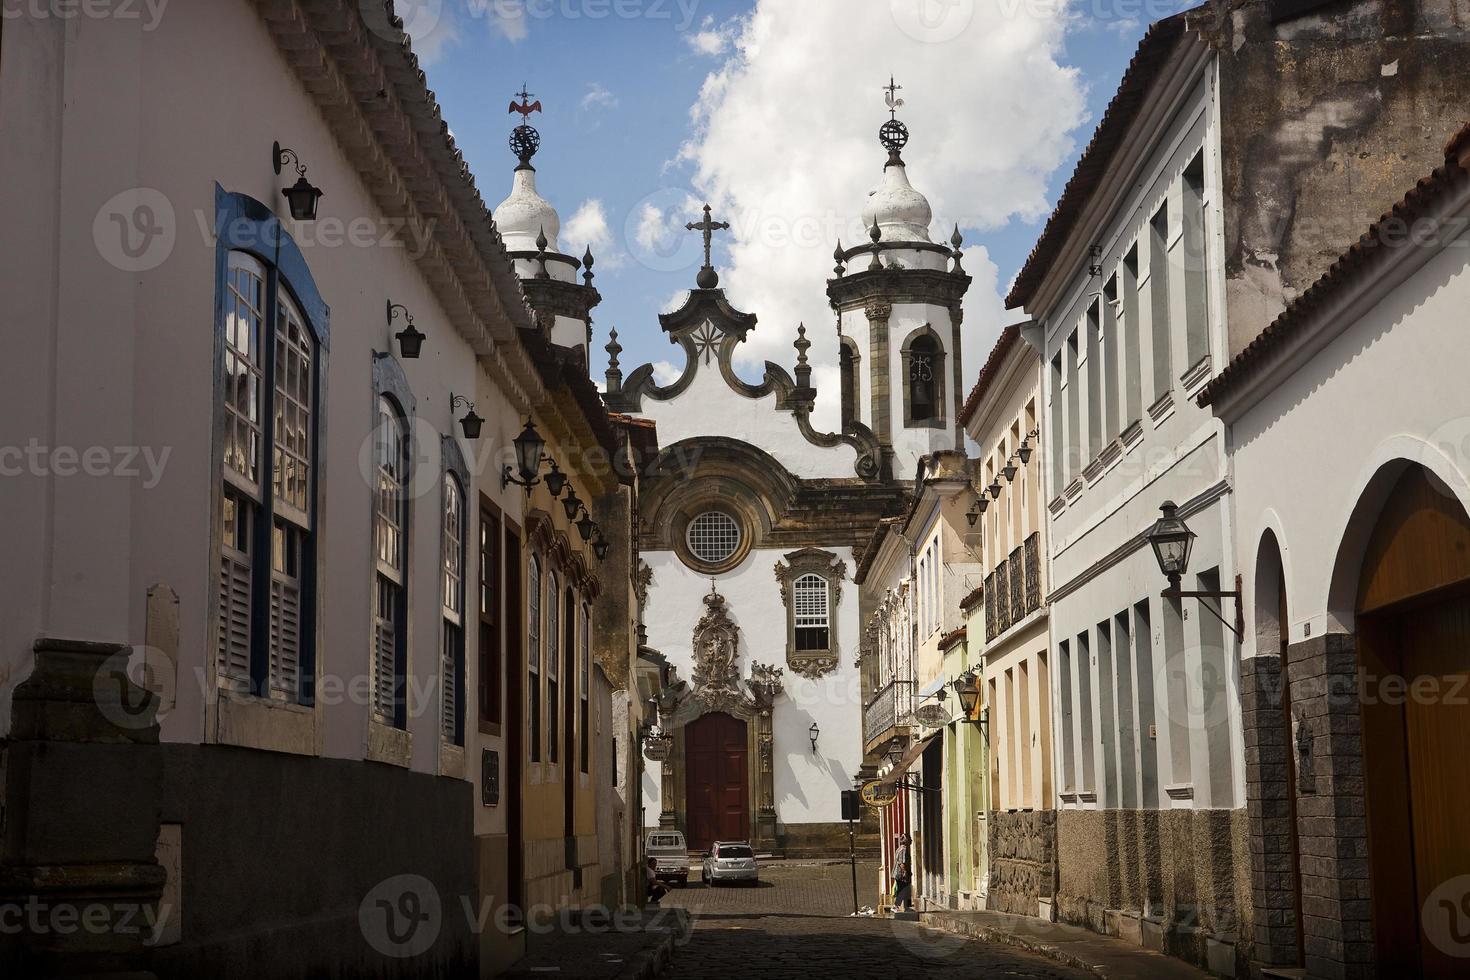 são joão del rey, minas gerais; photo